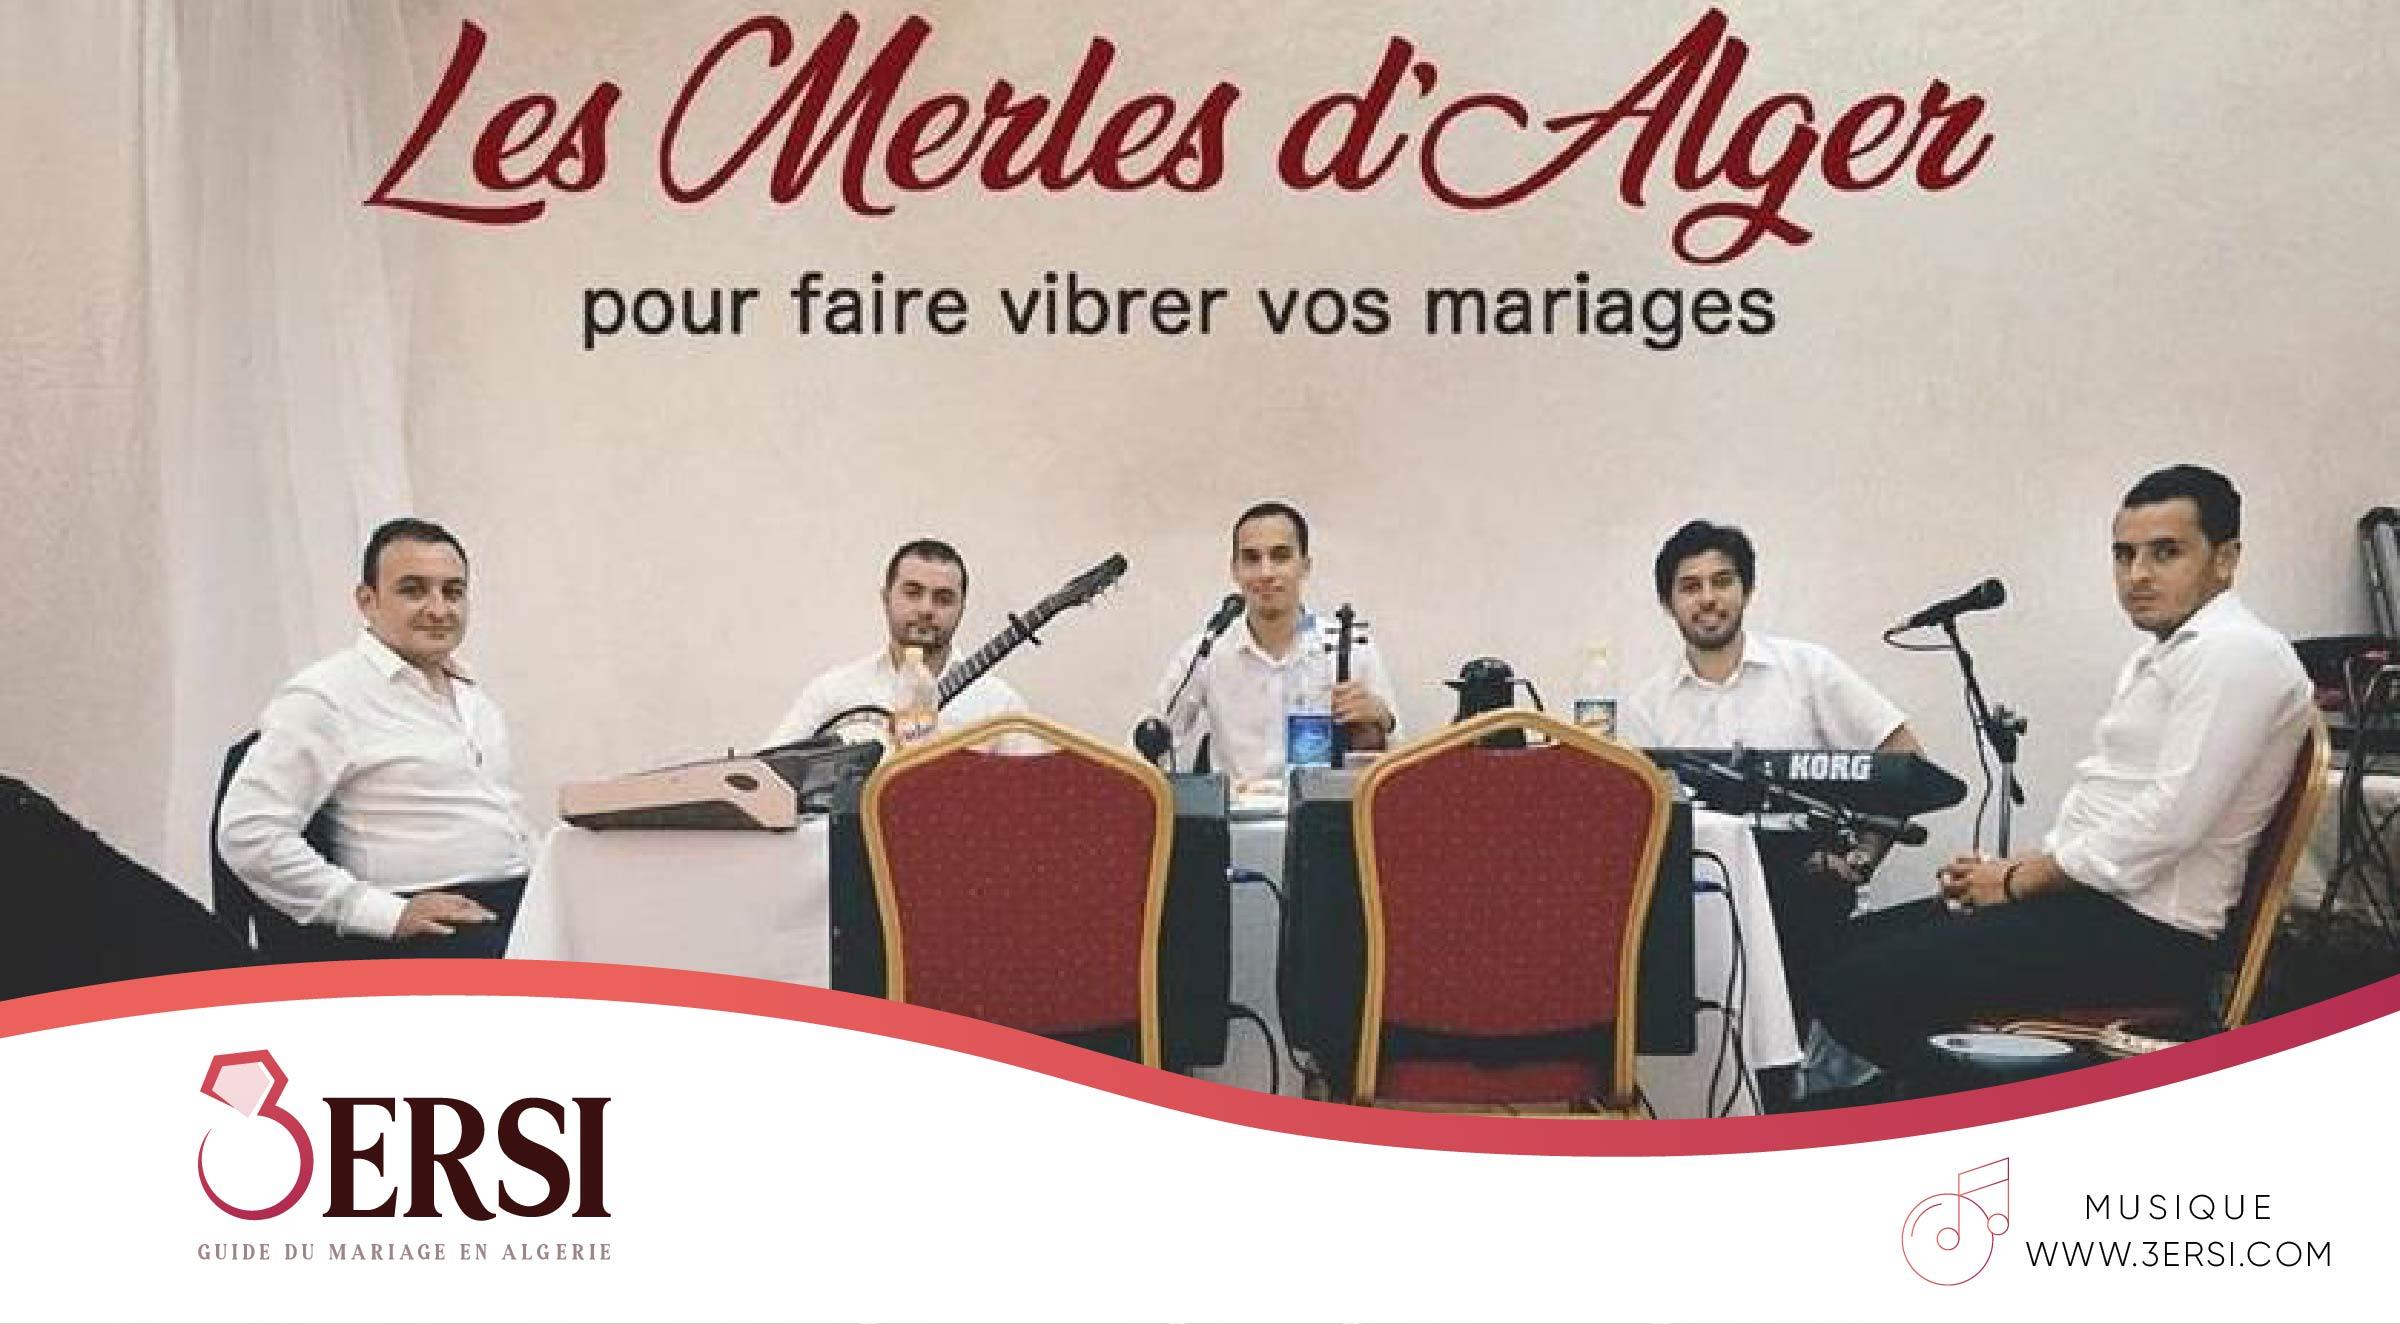 Les Merles D'Alger, El Biar à Alger